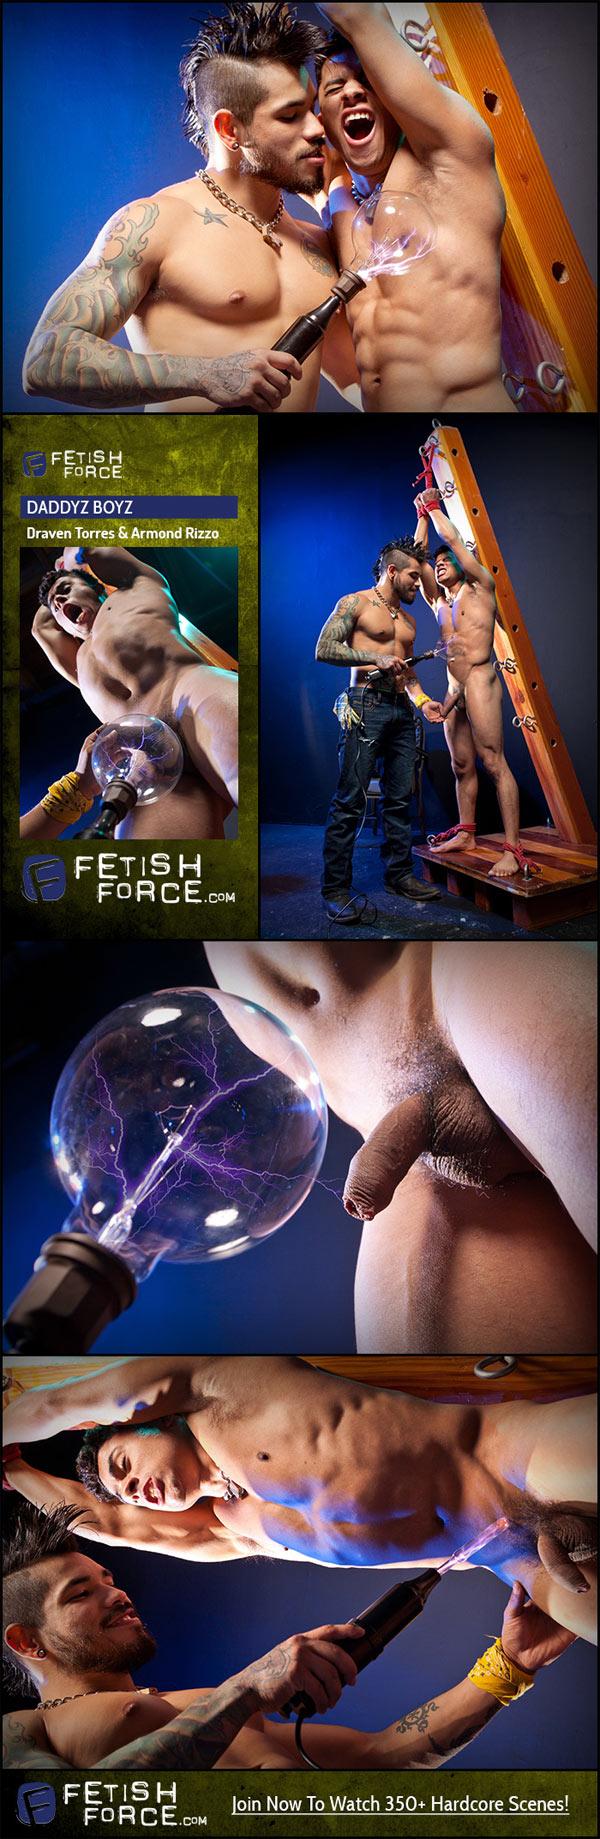 Daddyz Boyz (Draven Torres & Armond Rizzo) (Scene 3) at Fetish Force!